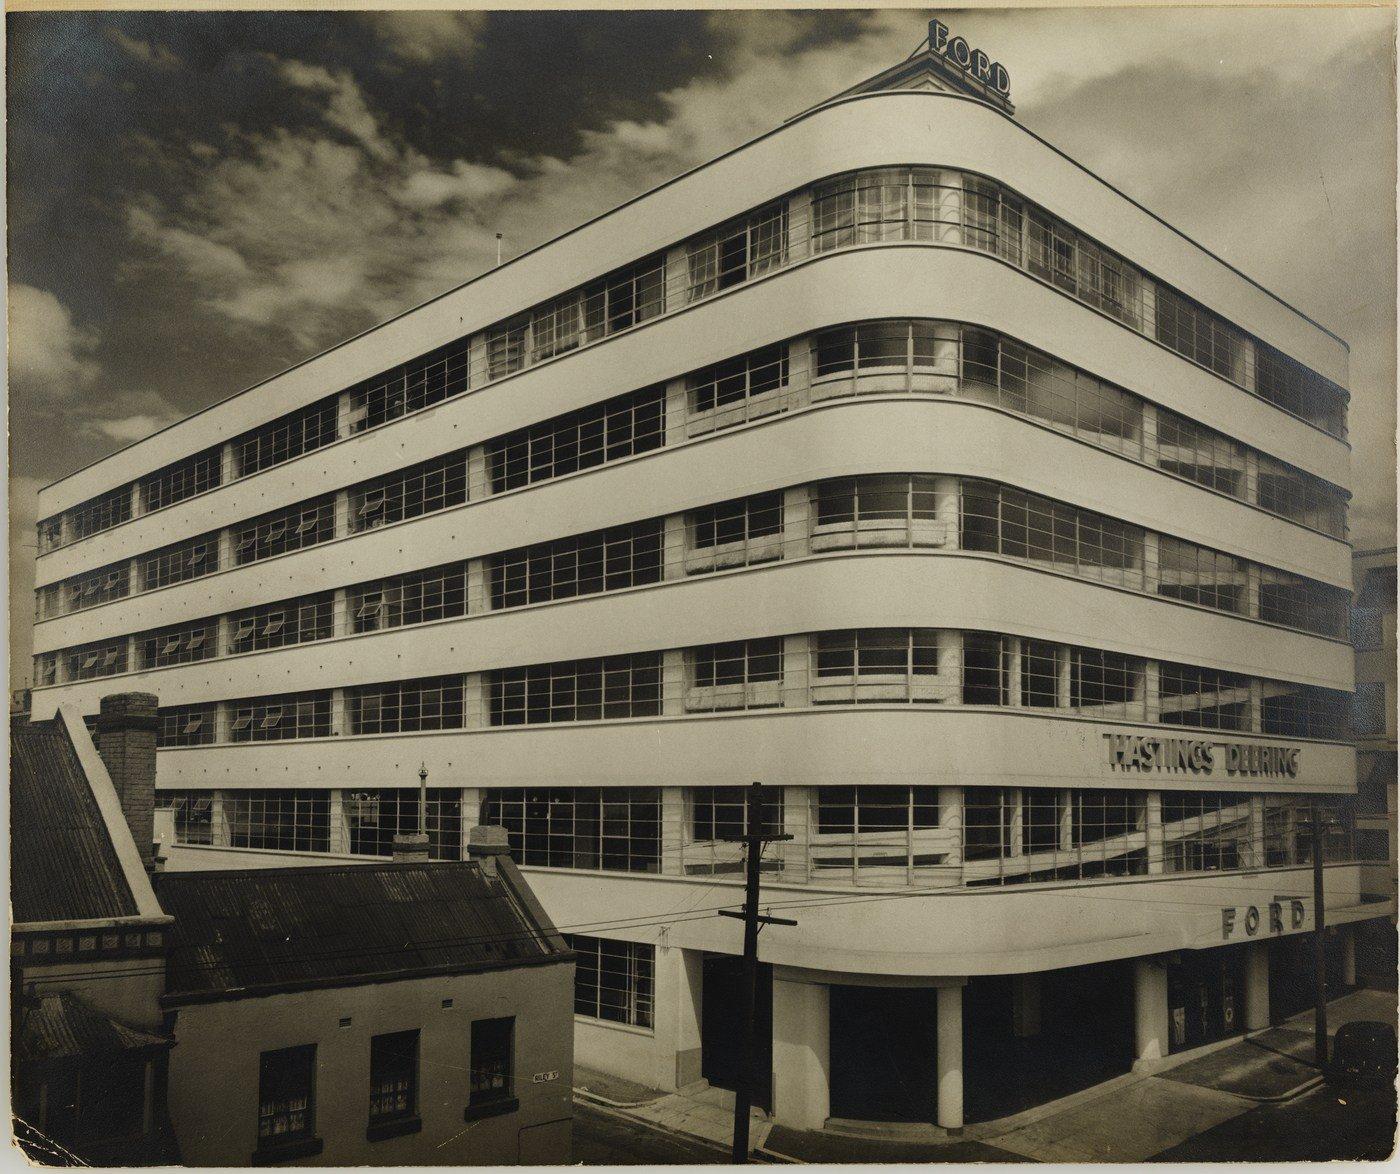 Hastings Dearing Building